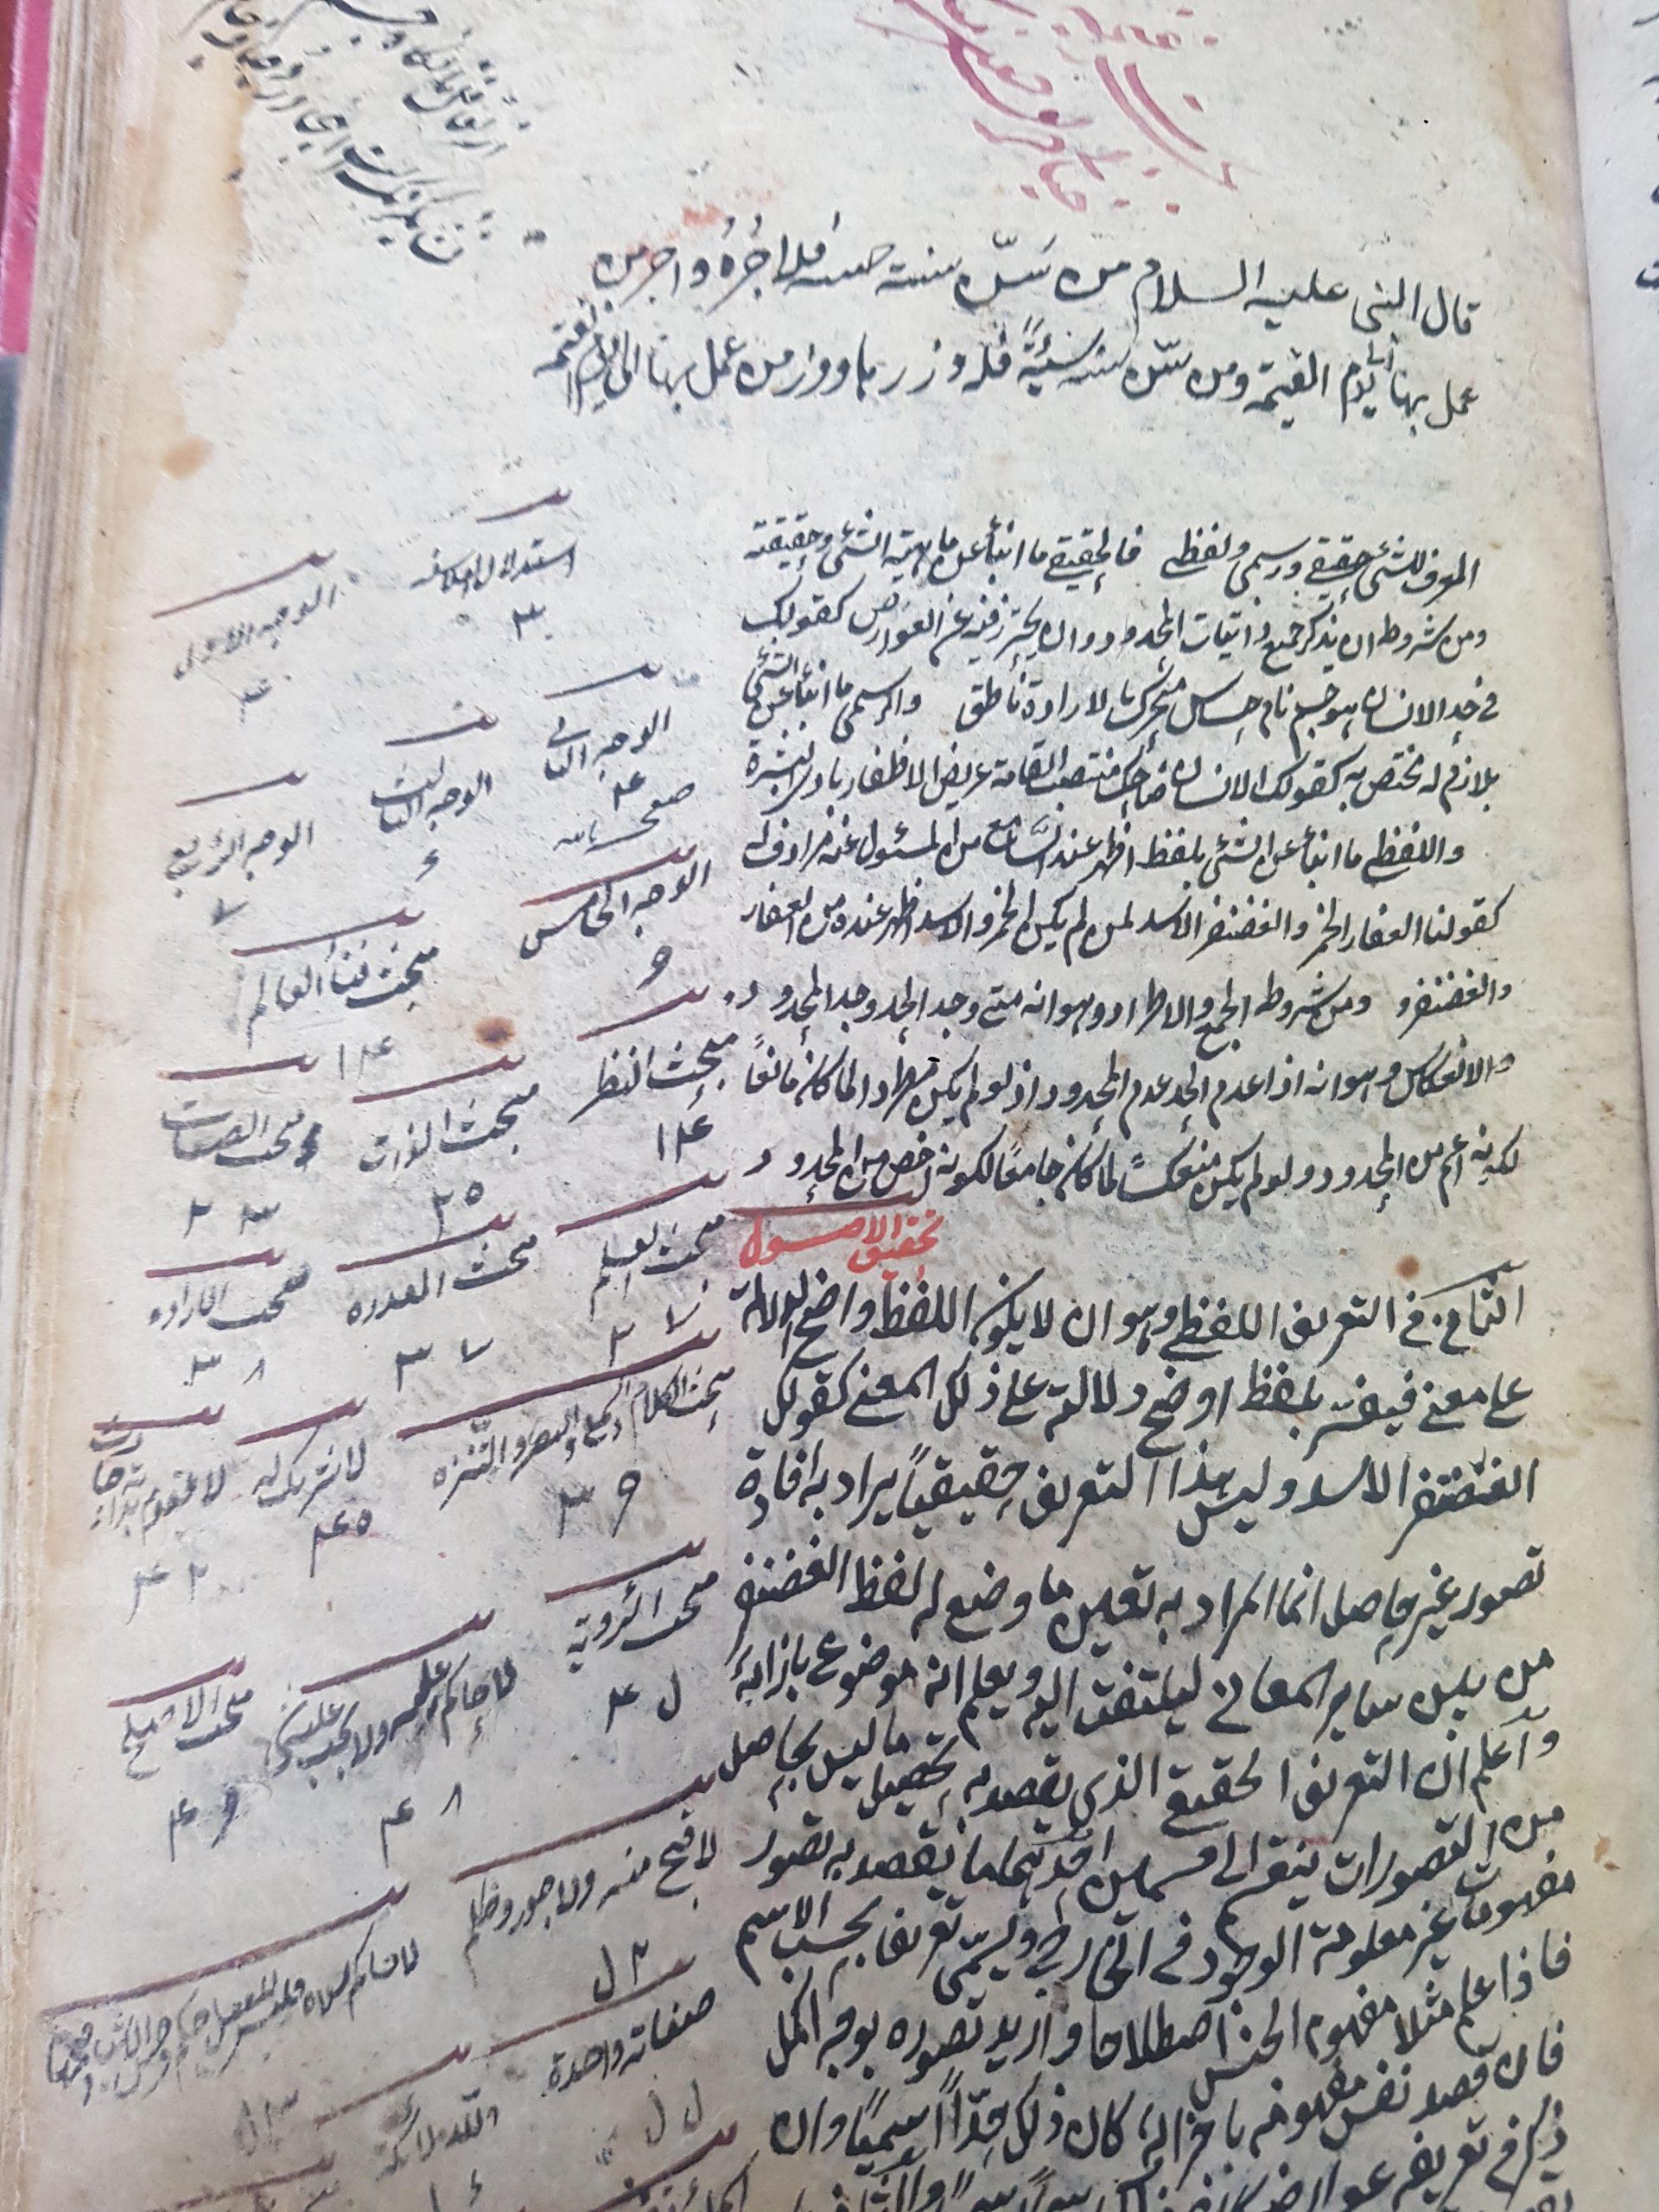 المخطوطة رقم 4